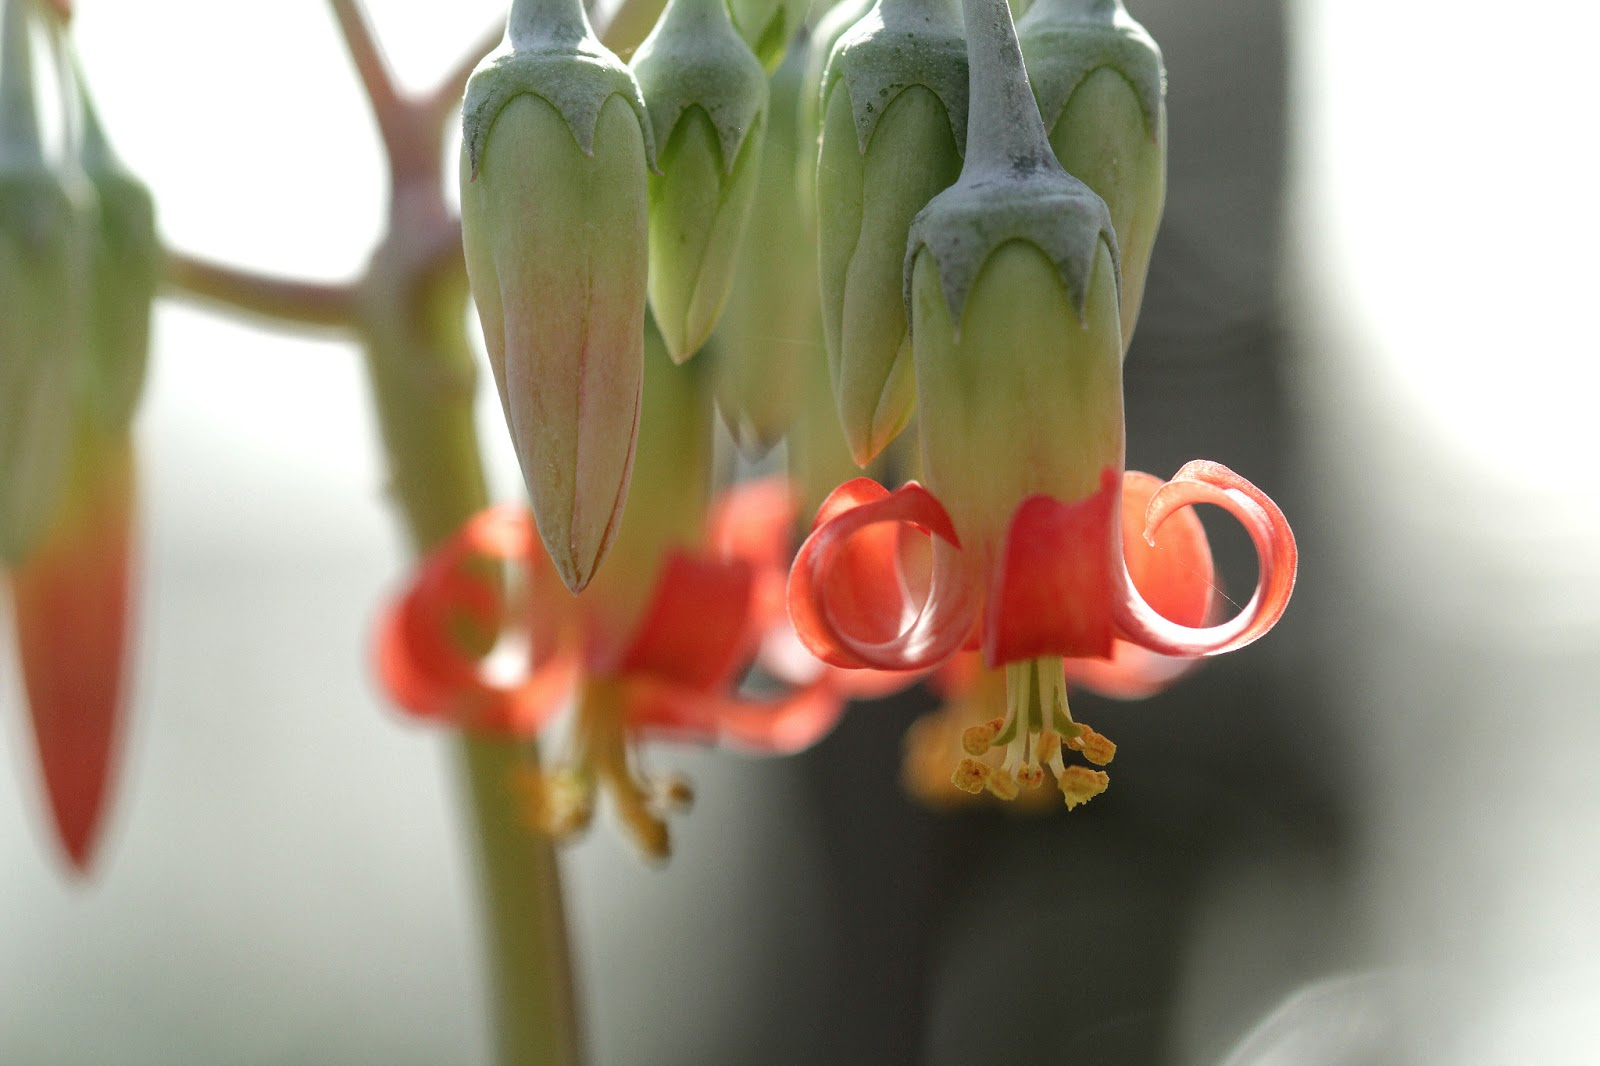 Cotyledon orbiculata var. dinteri - Flowers